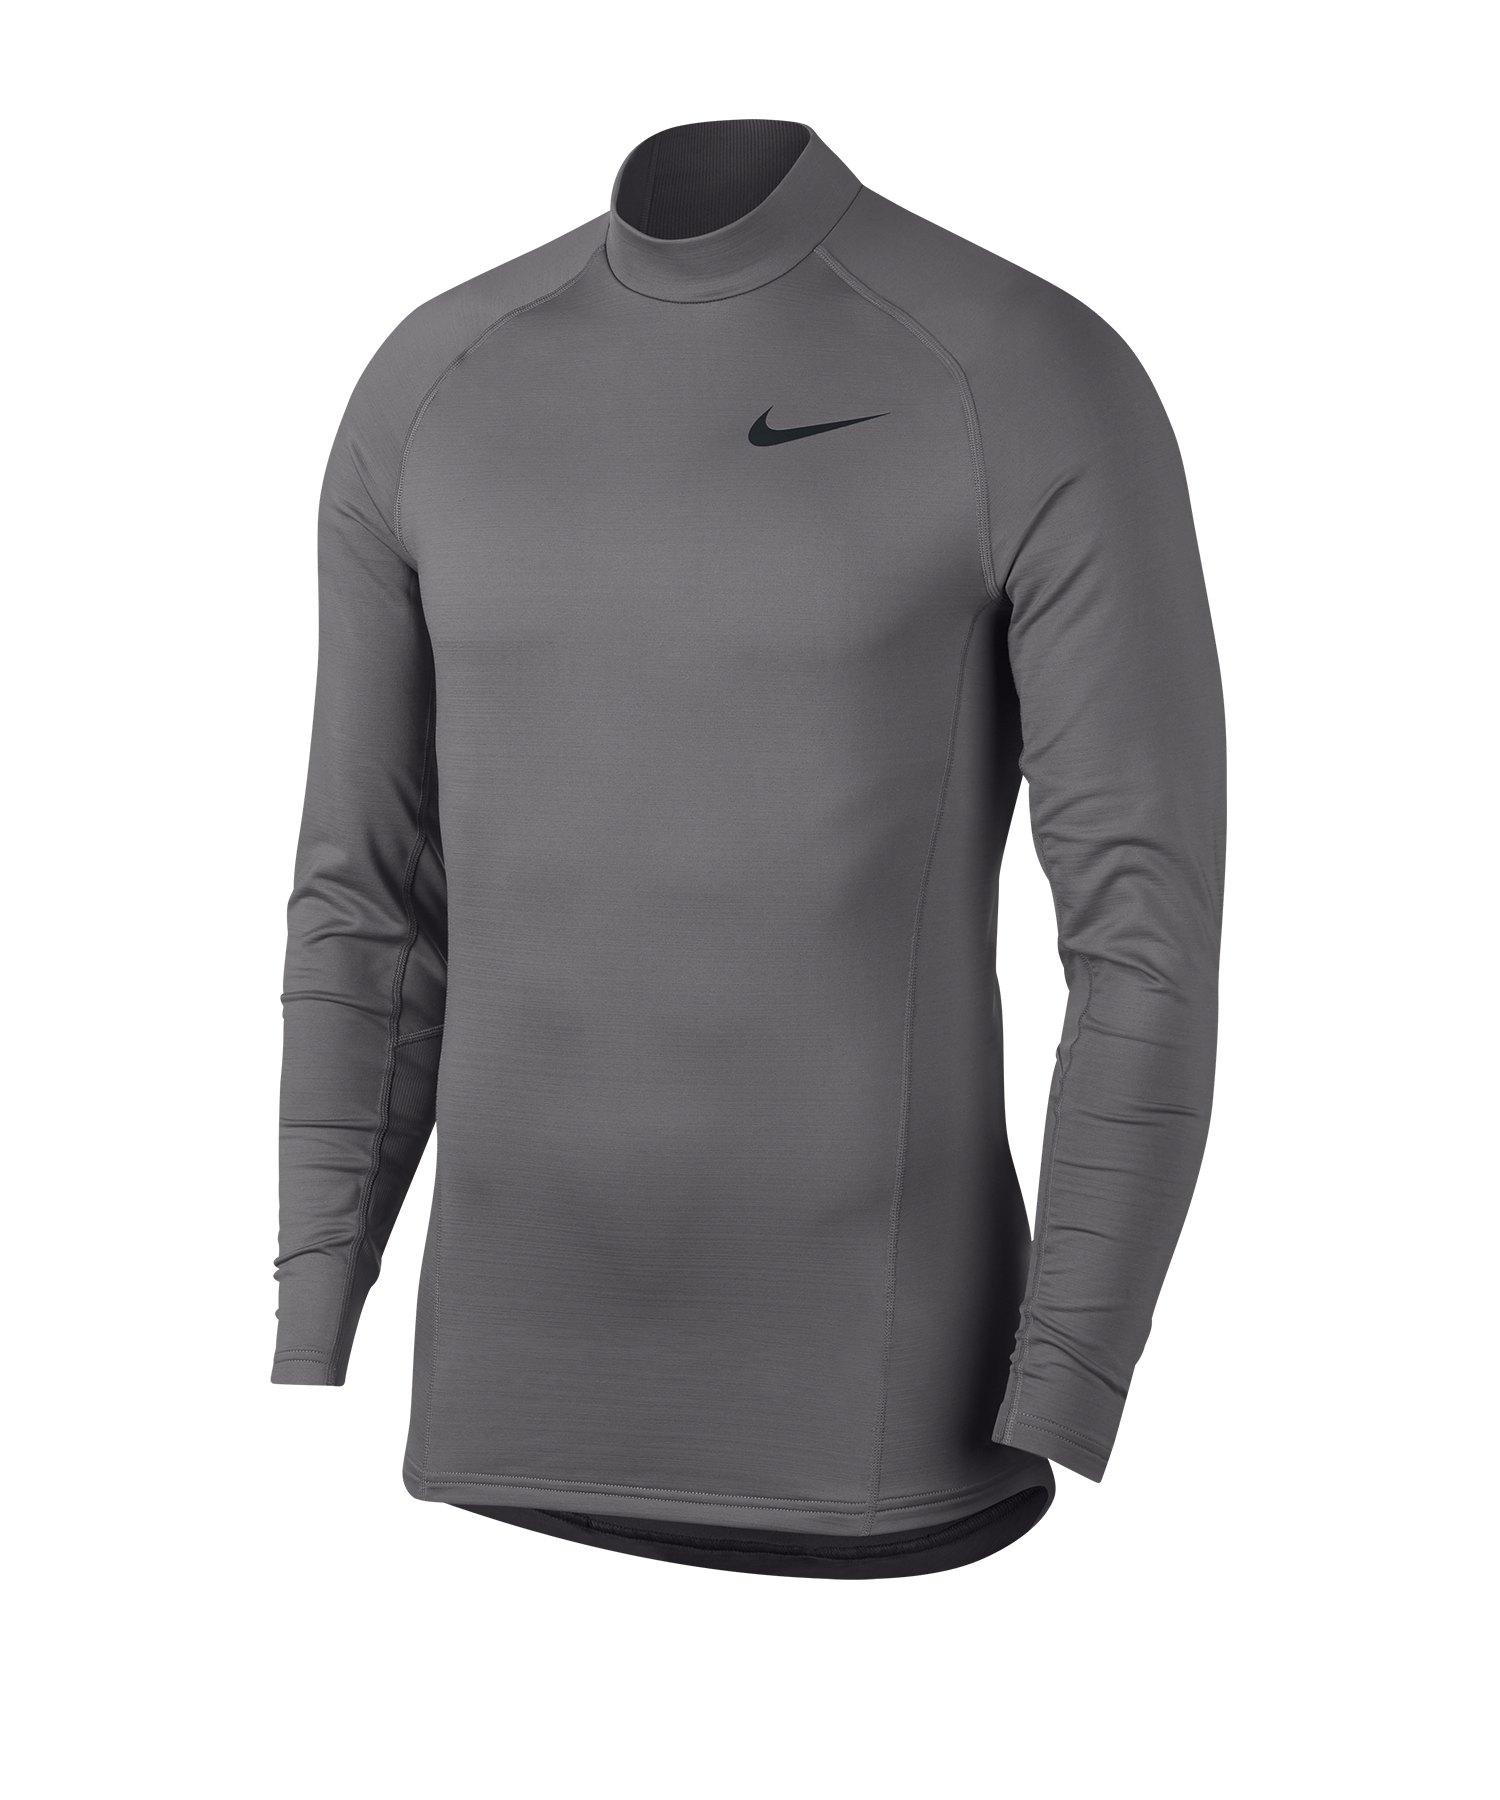 Nike Pro Trainingsweatshirt Grau F036 - grau